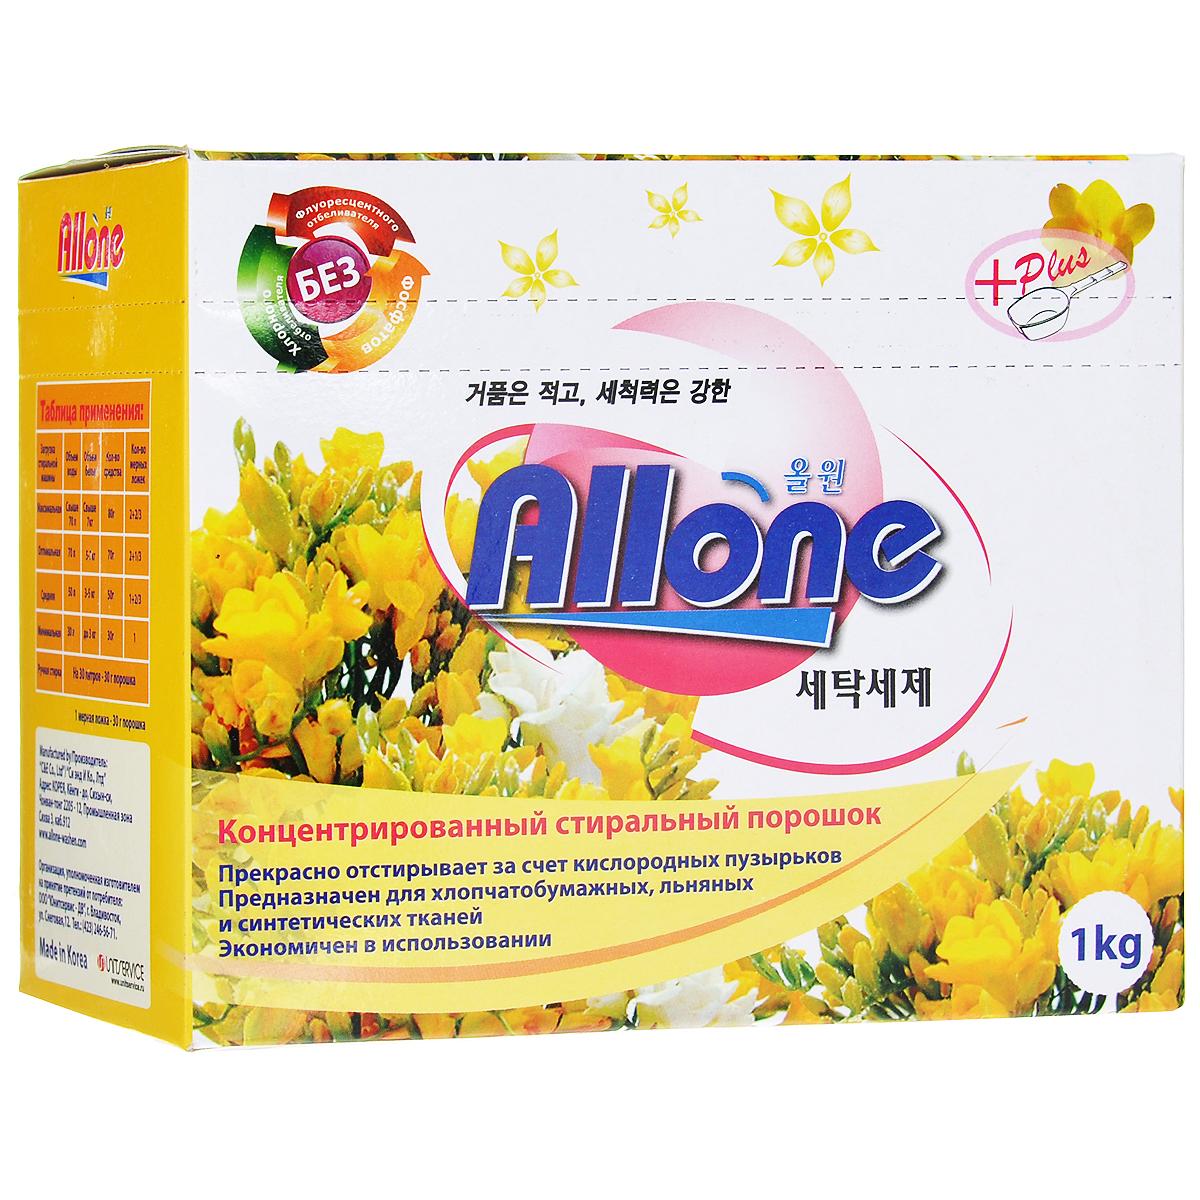 Концентрированный стиральный порошок С&E Allone, 1 кг. 4102741027